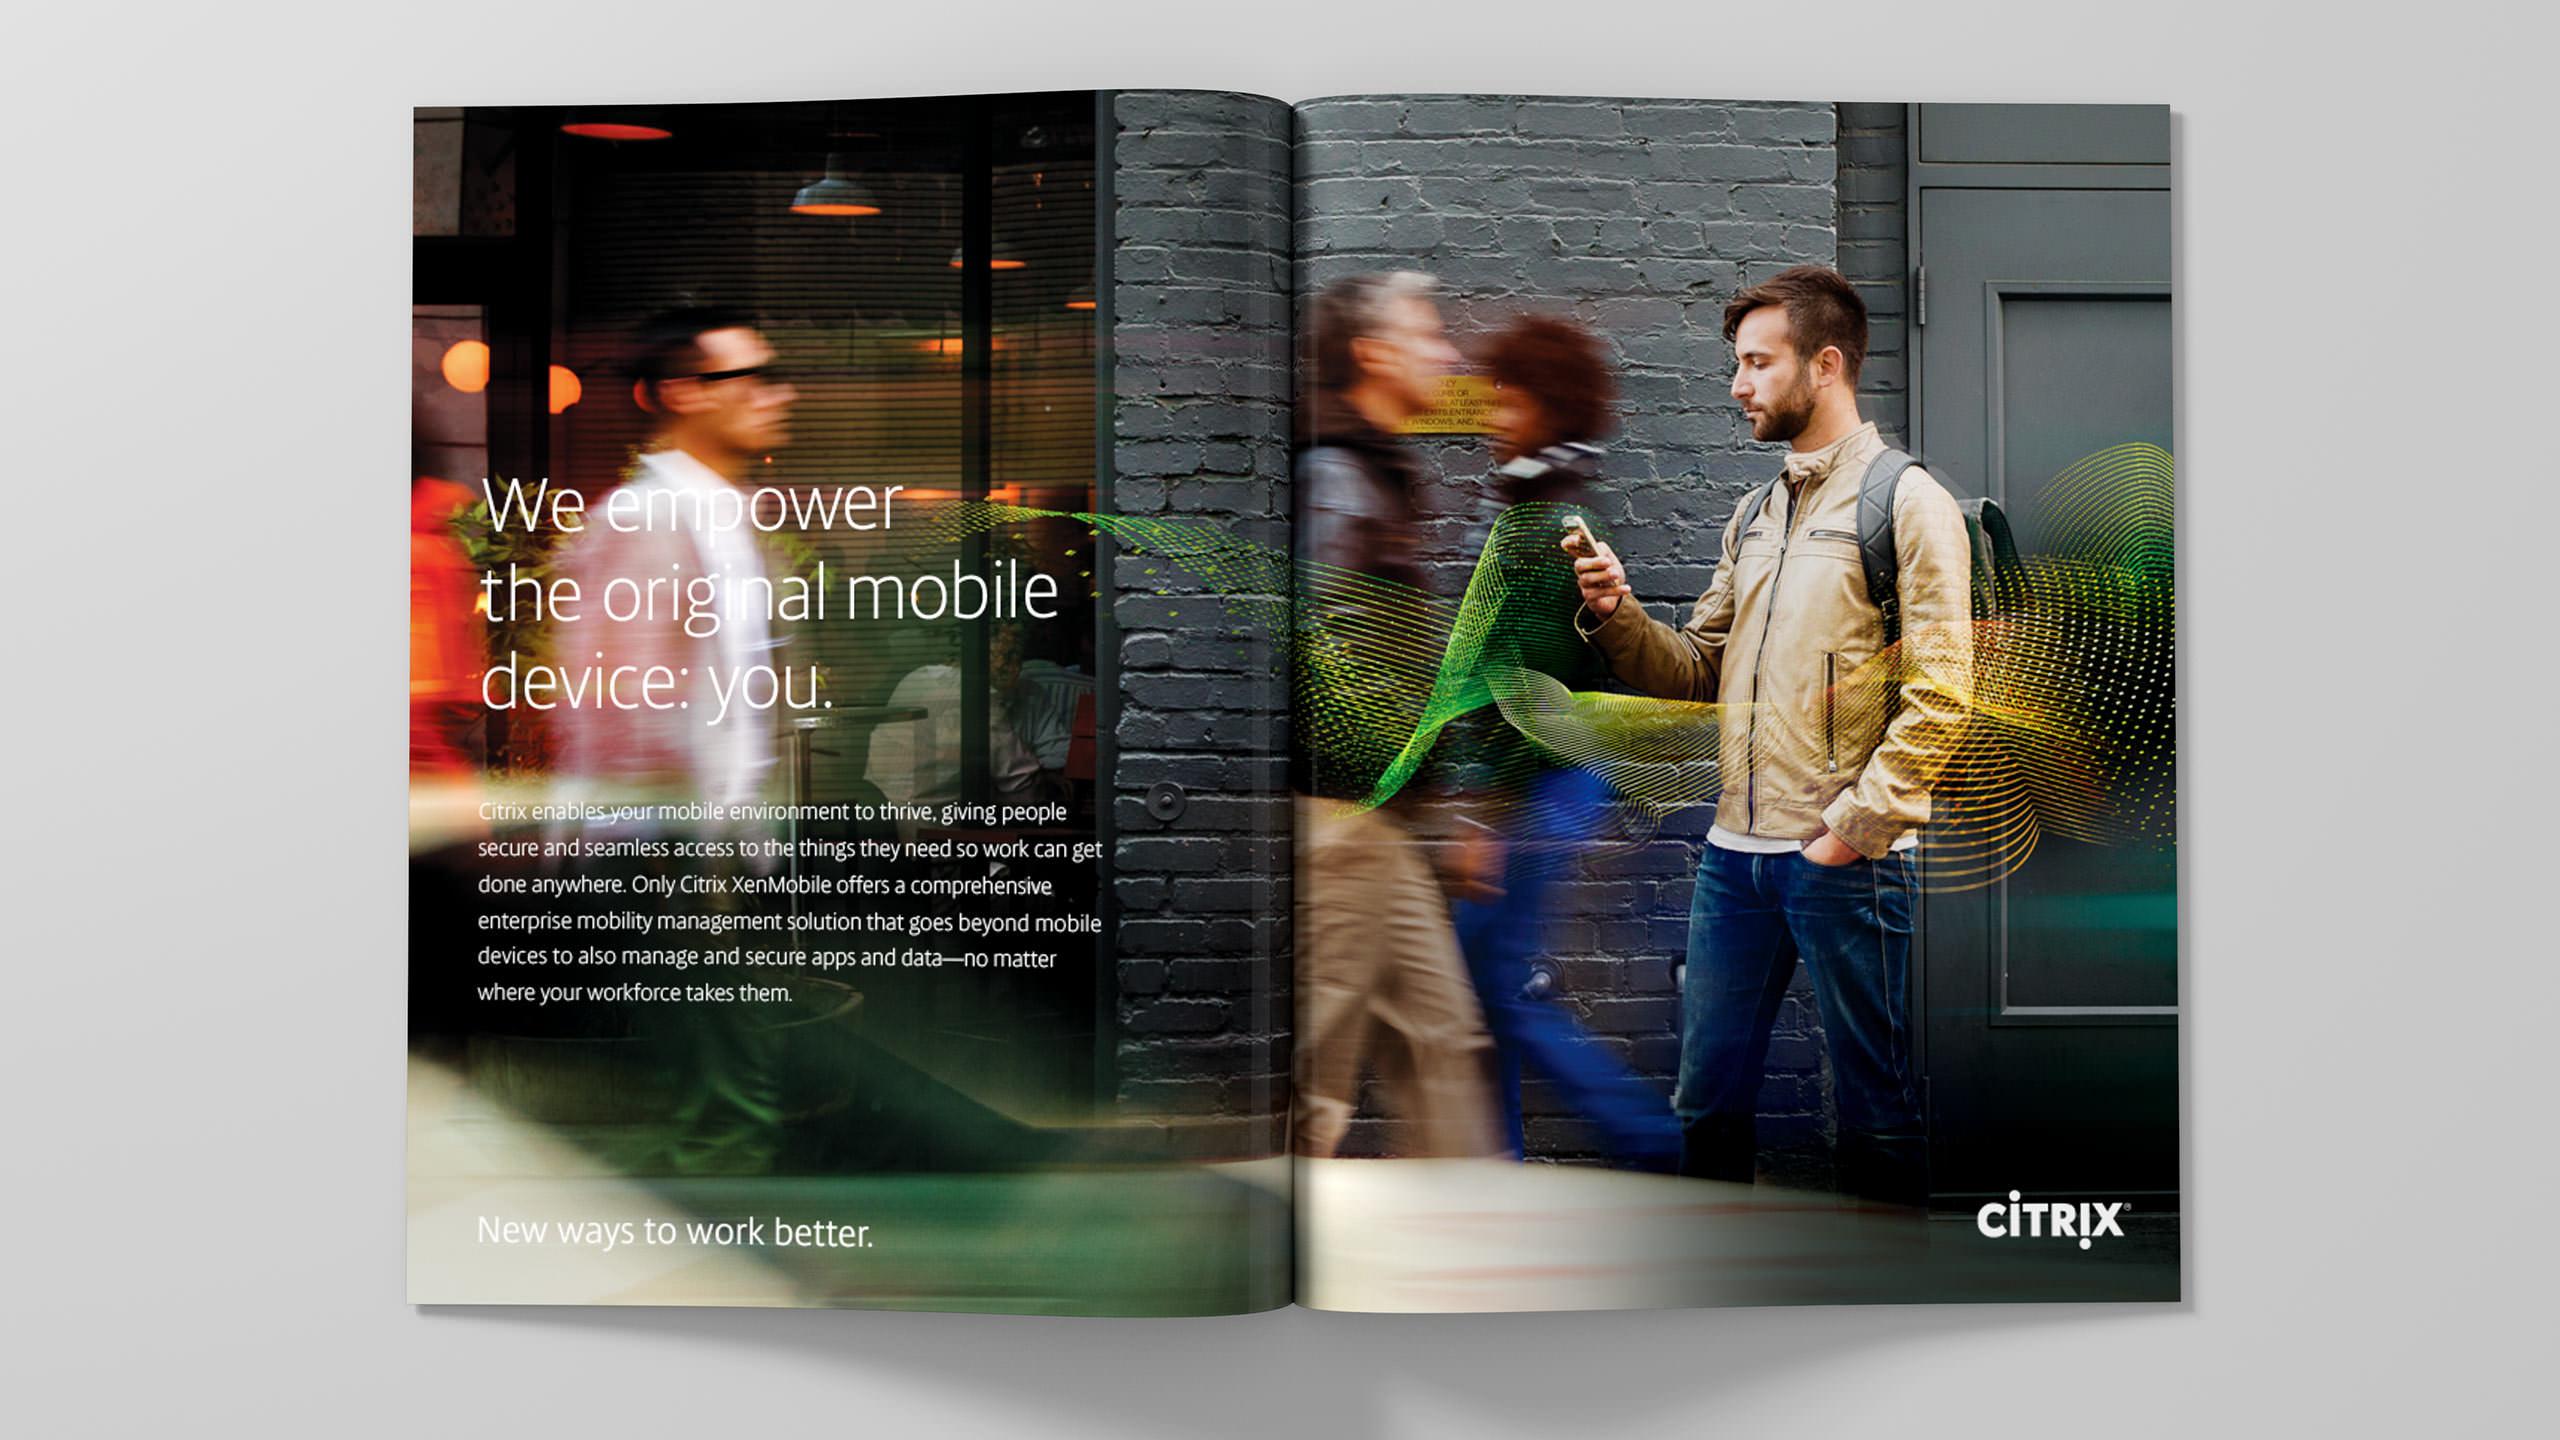 Citrix Brand Ad - Magazine Spread